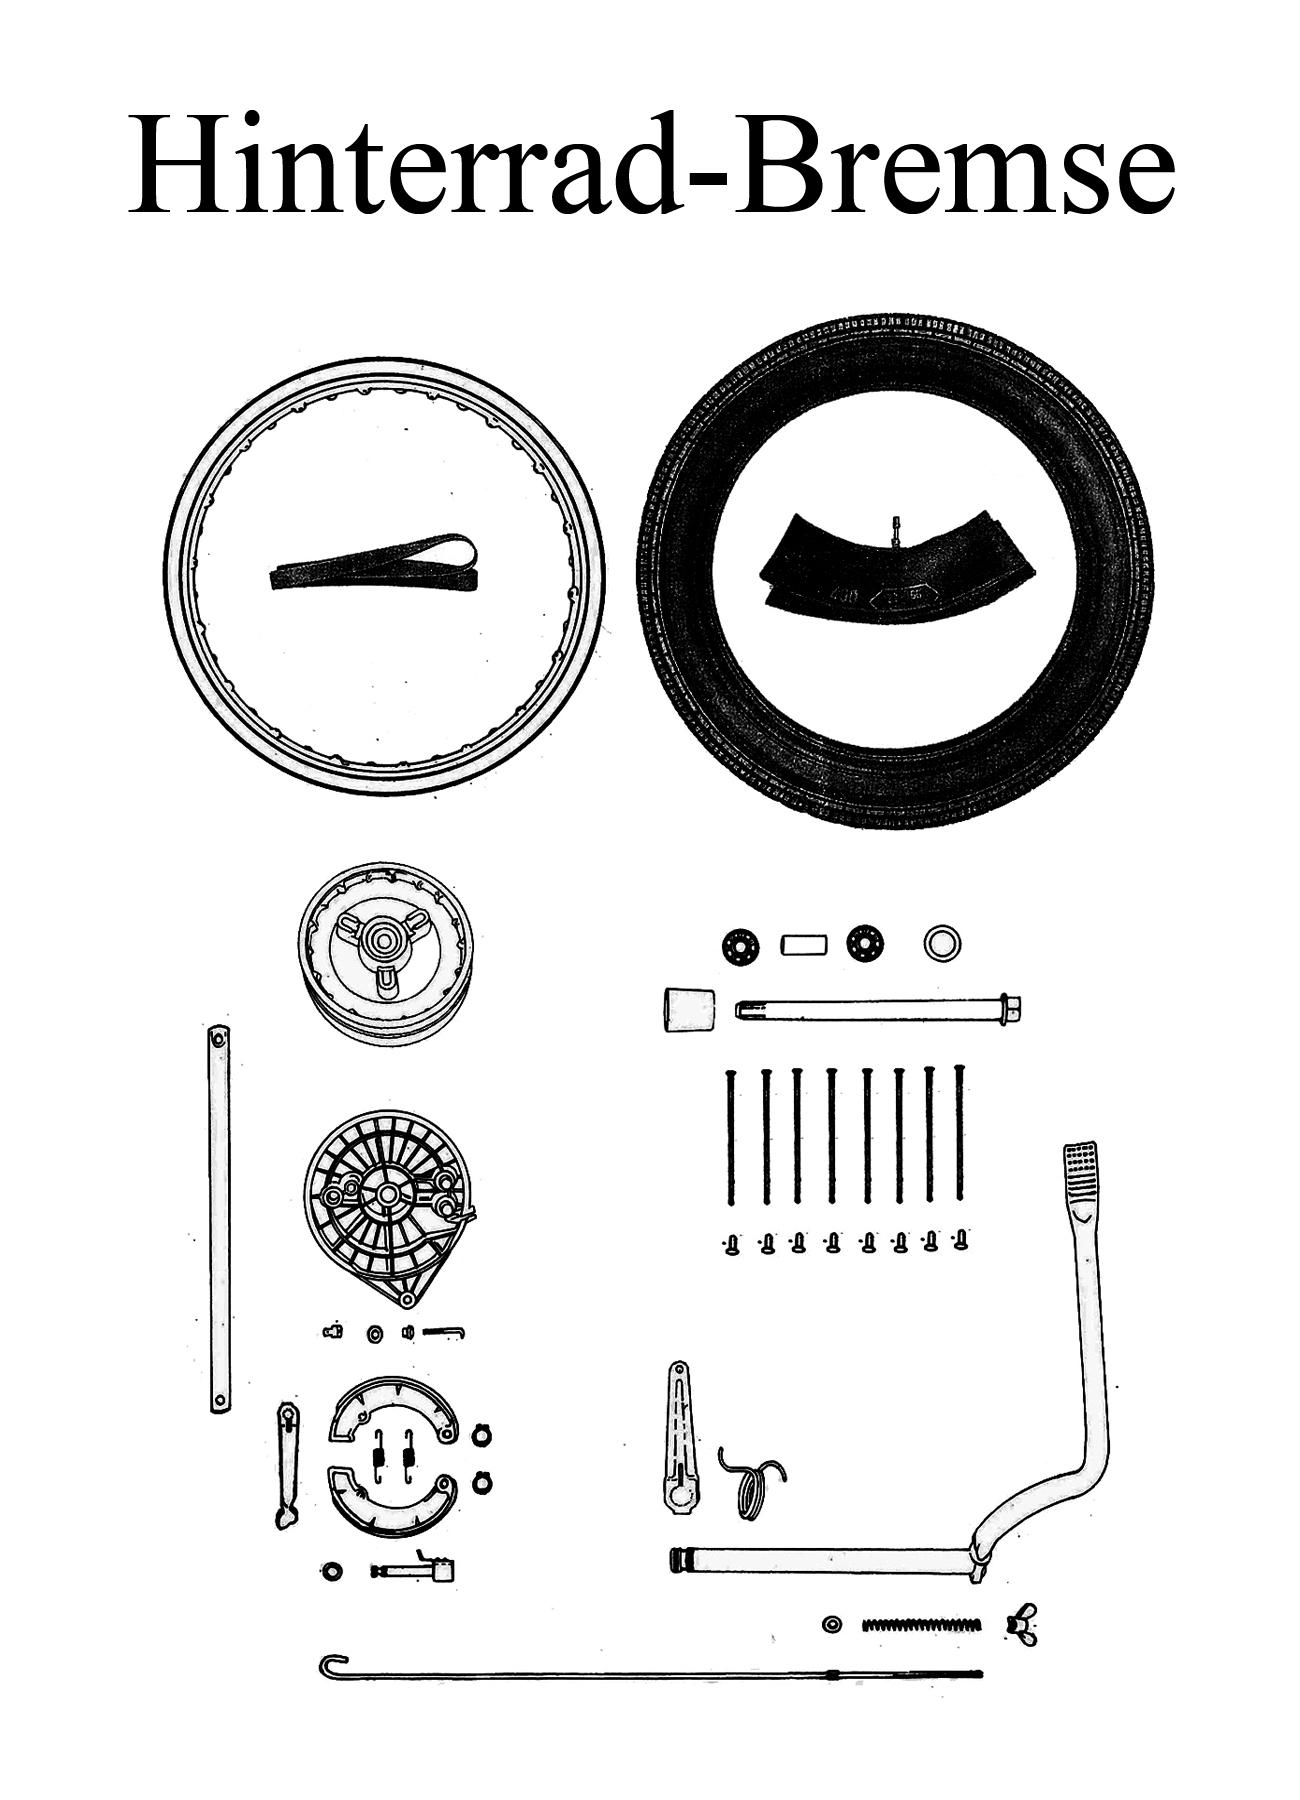 MZ TS 250 250/1 Ersatzteile Hinterrad Bremse